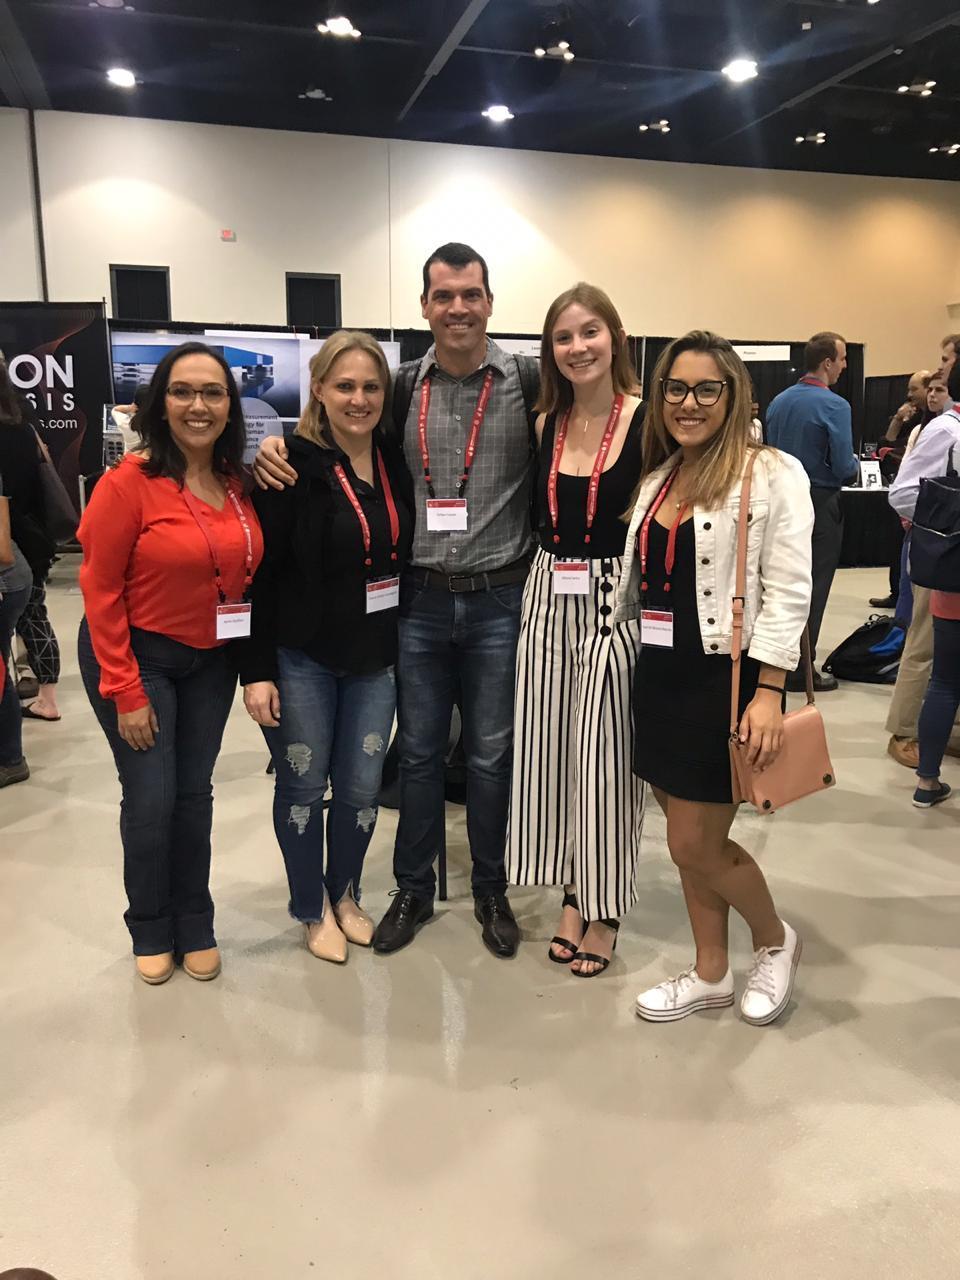 Grupo da Unipampa participou do Congresso no Canadá. Fotos: divulgação